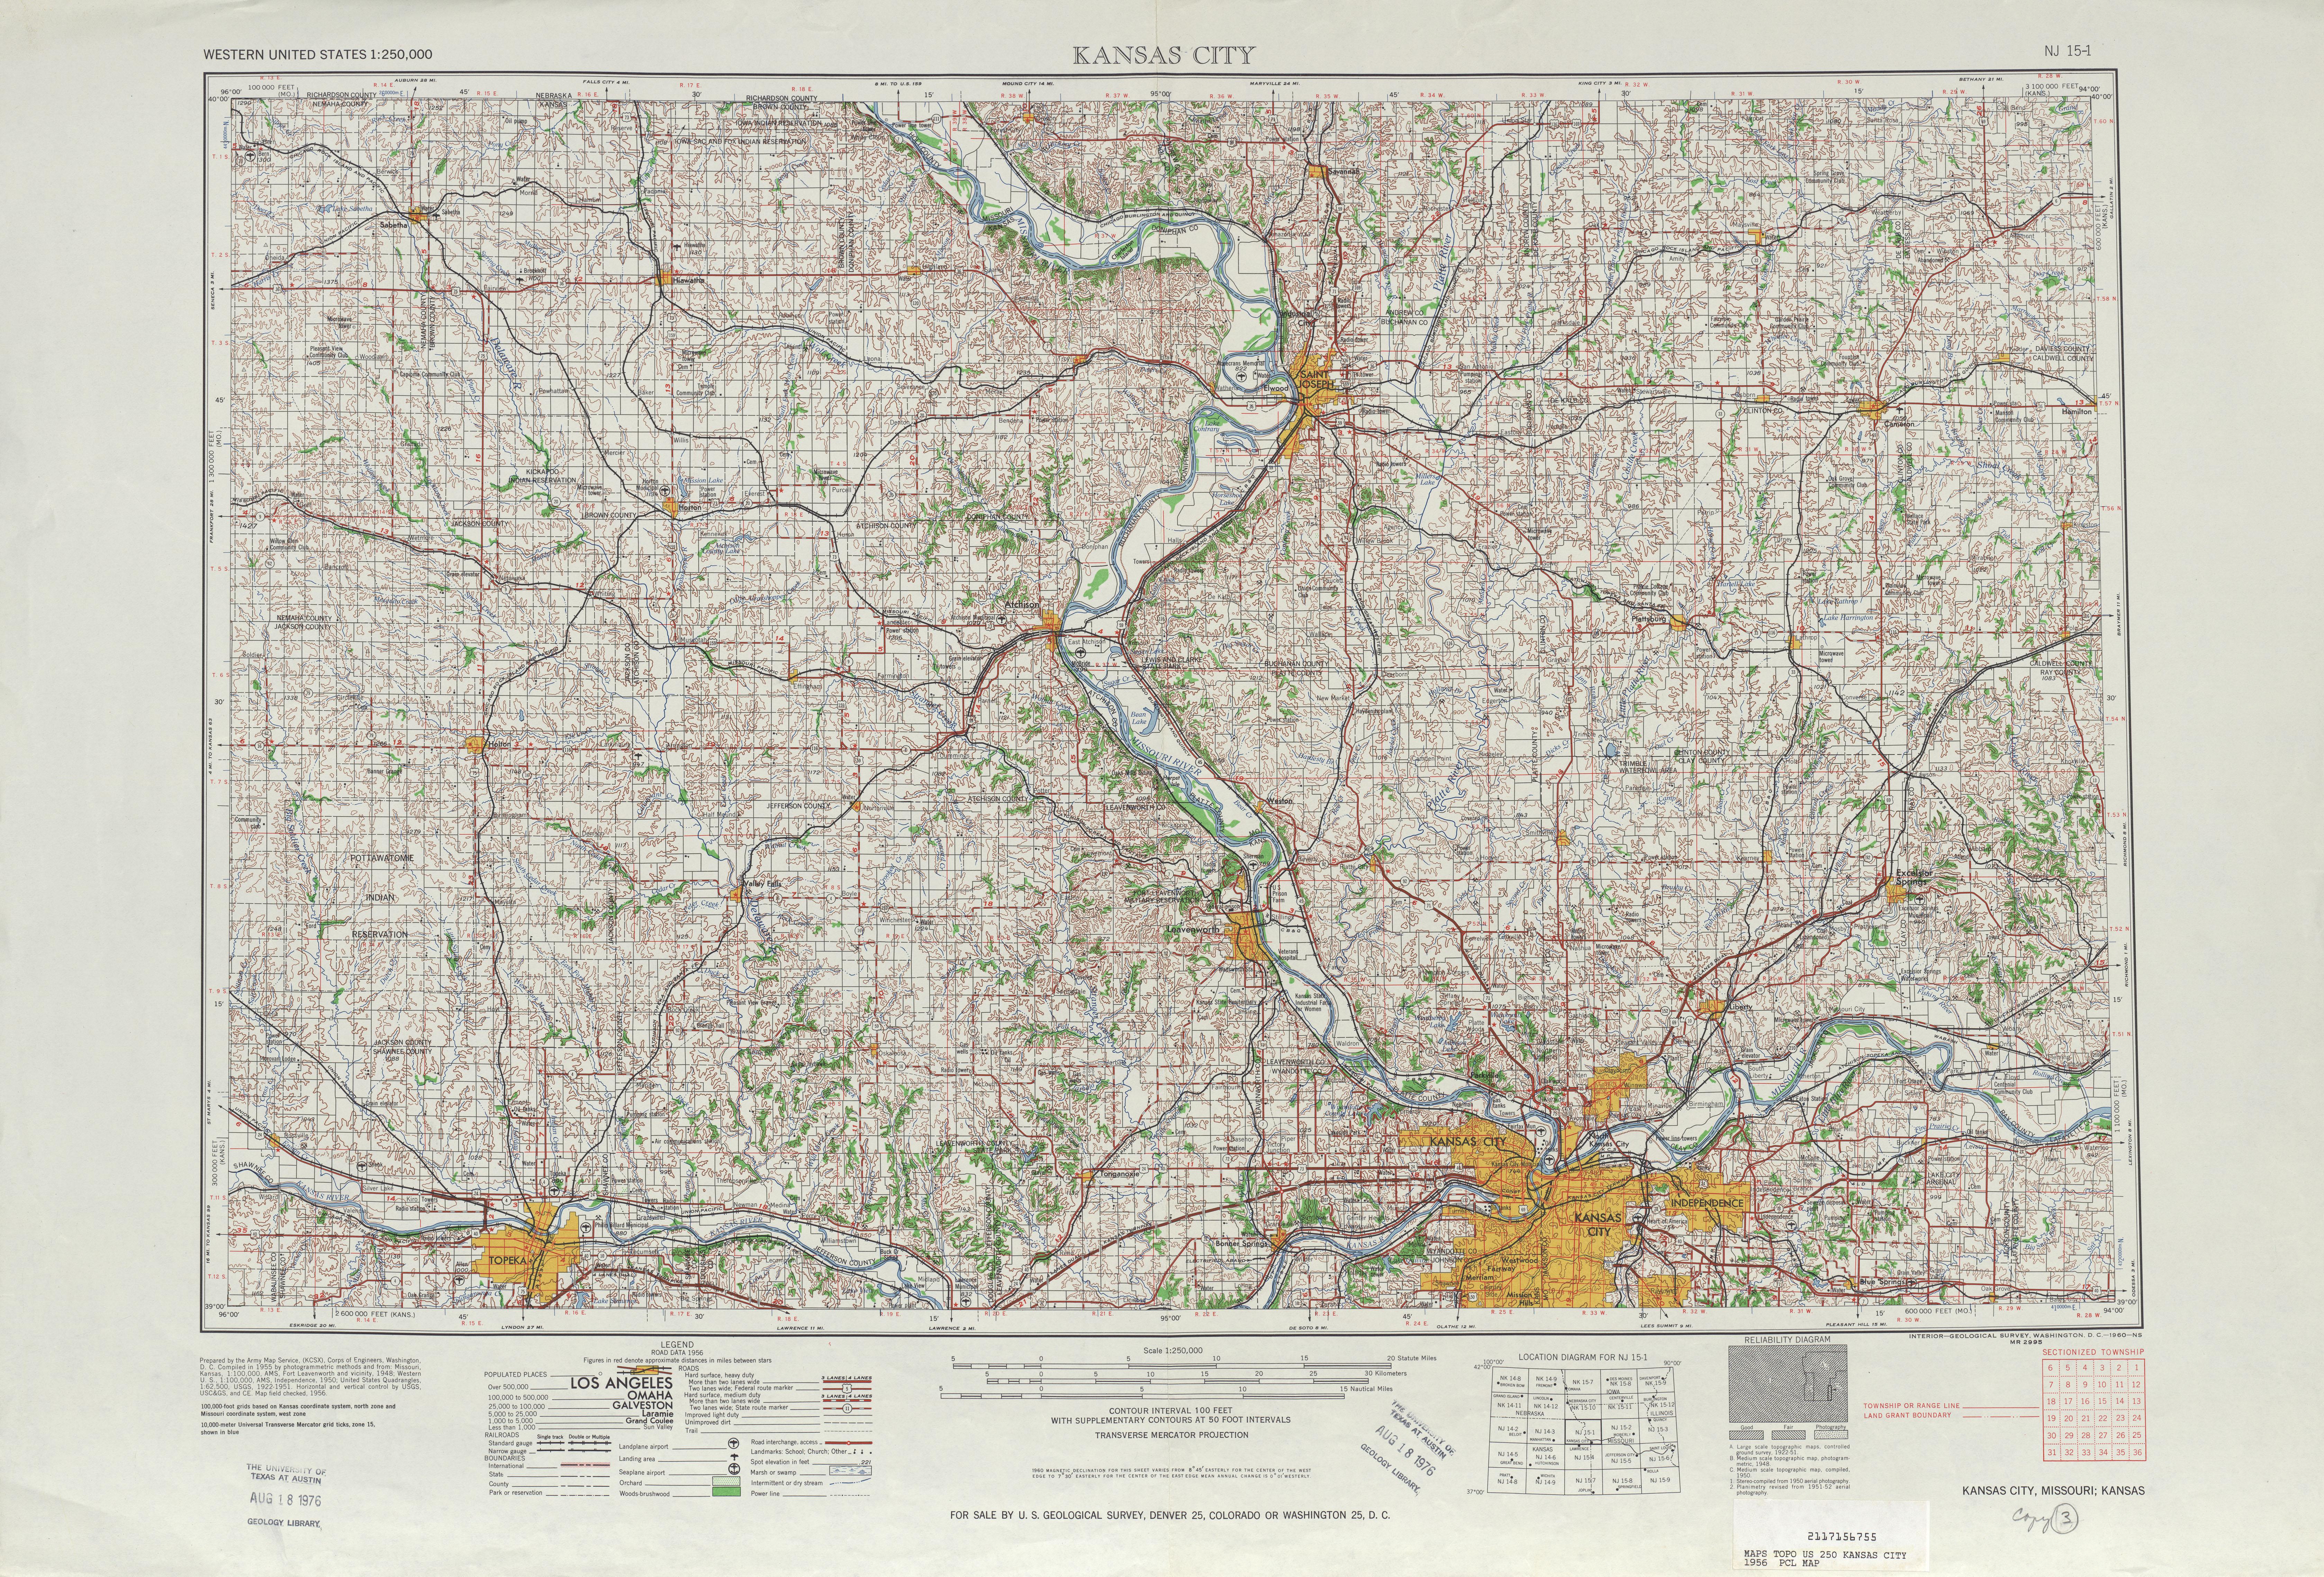 Hoja Kansas City del Mapa Topográfico de los Estados Unidos 1956